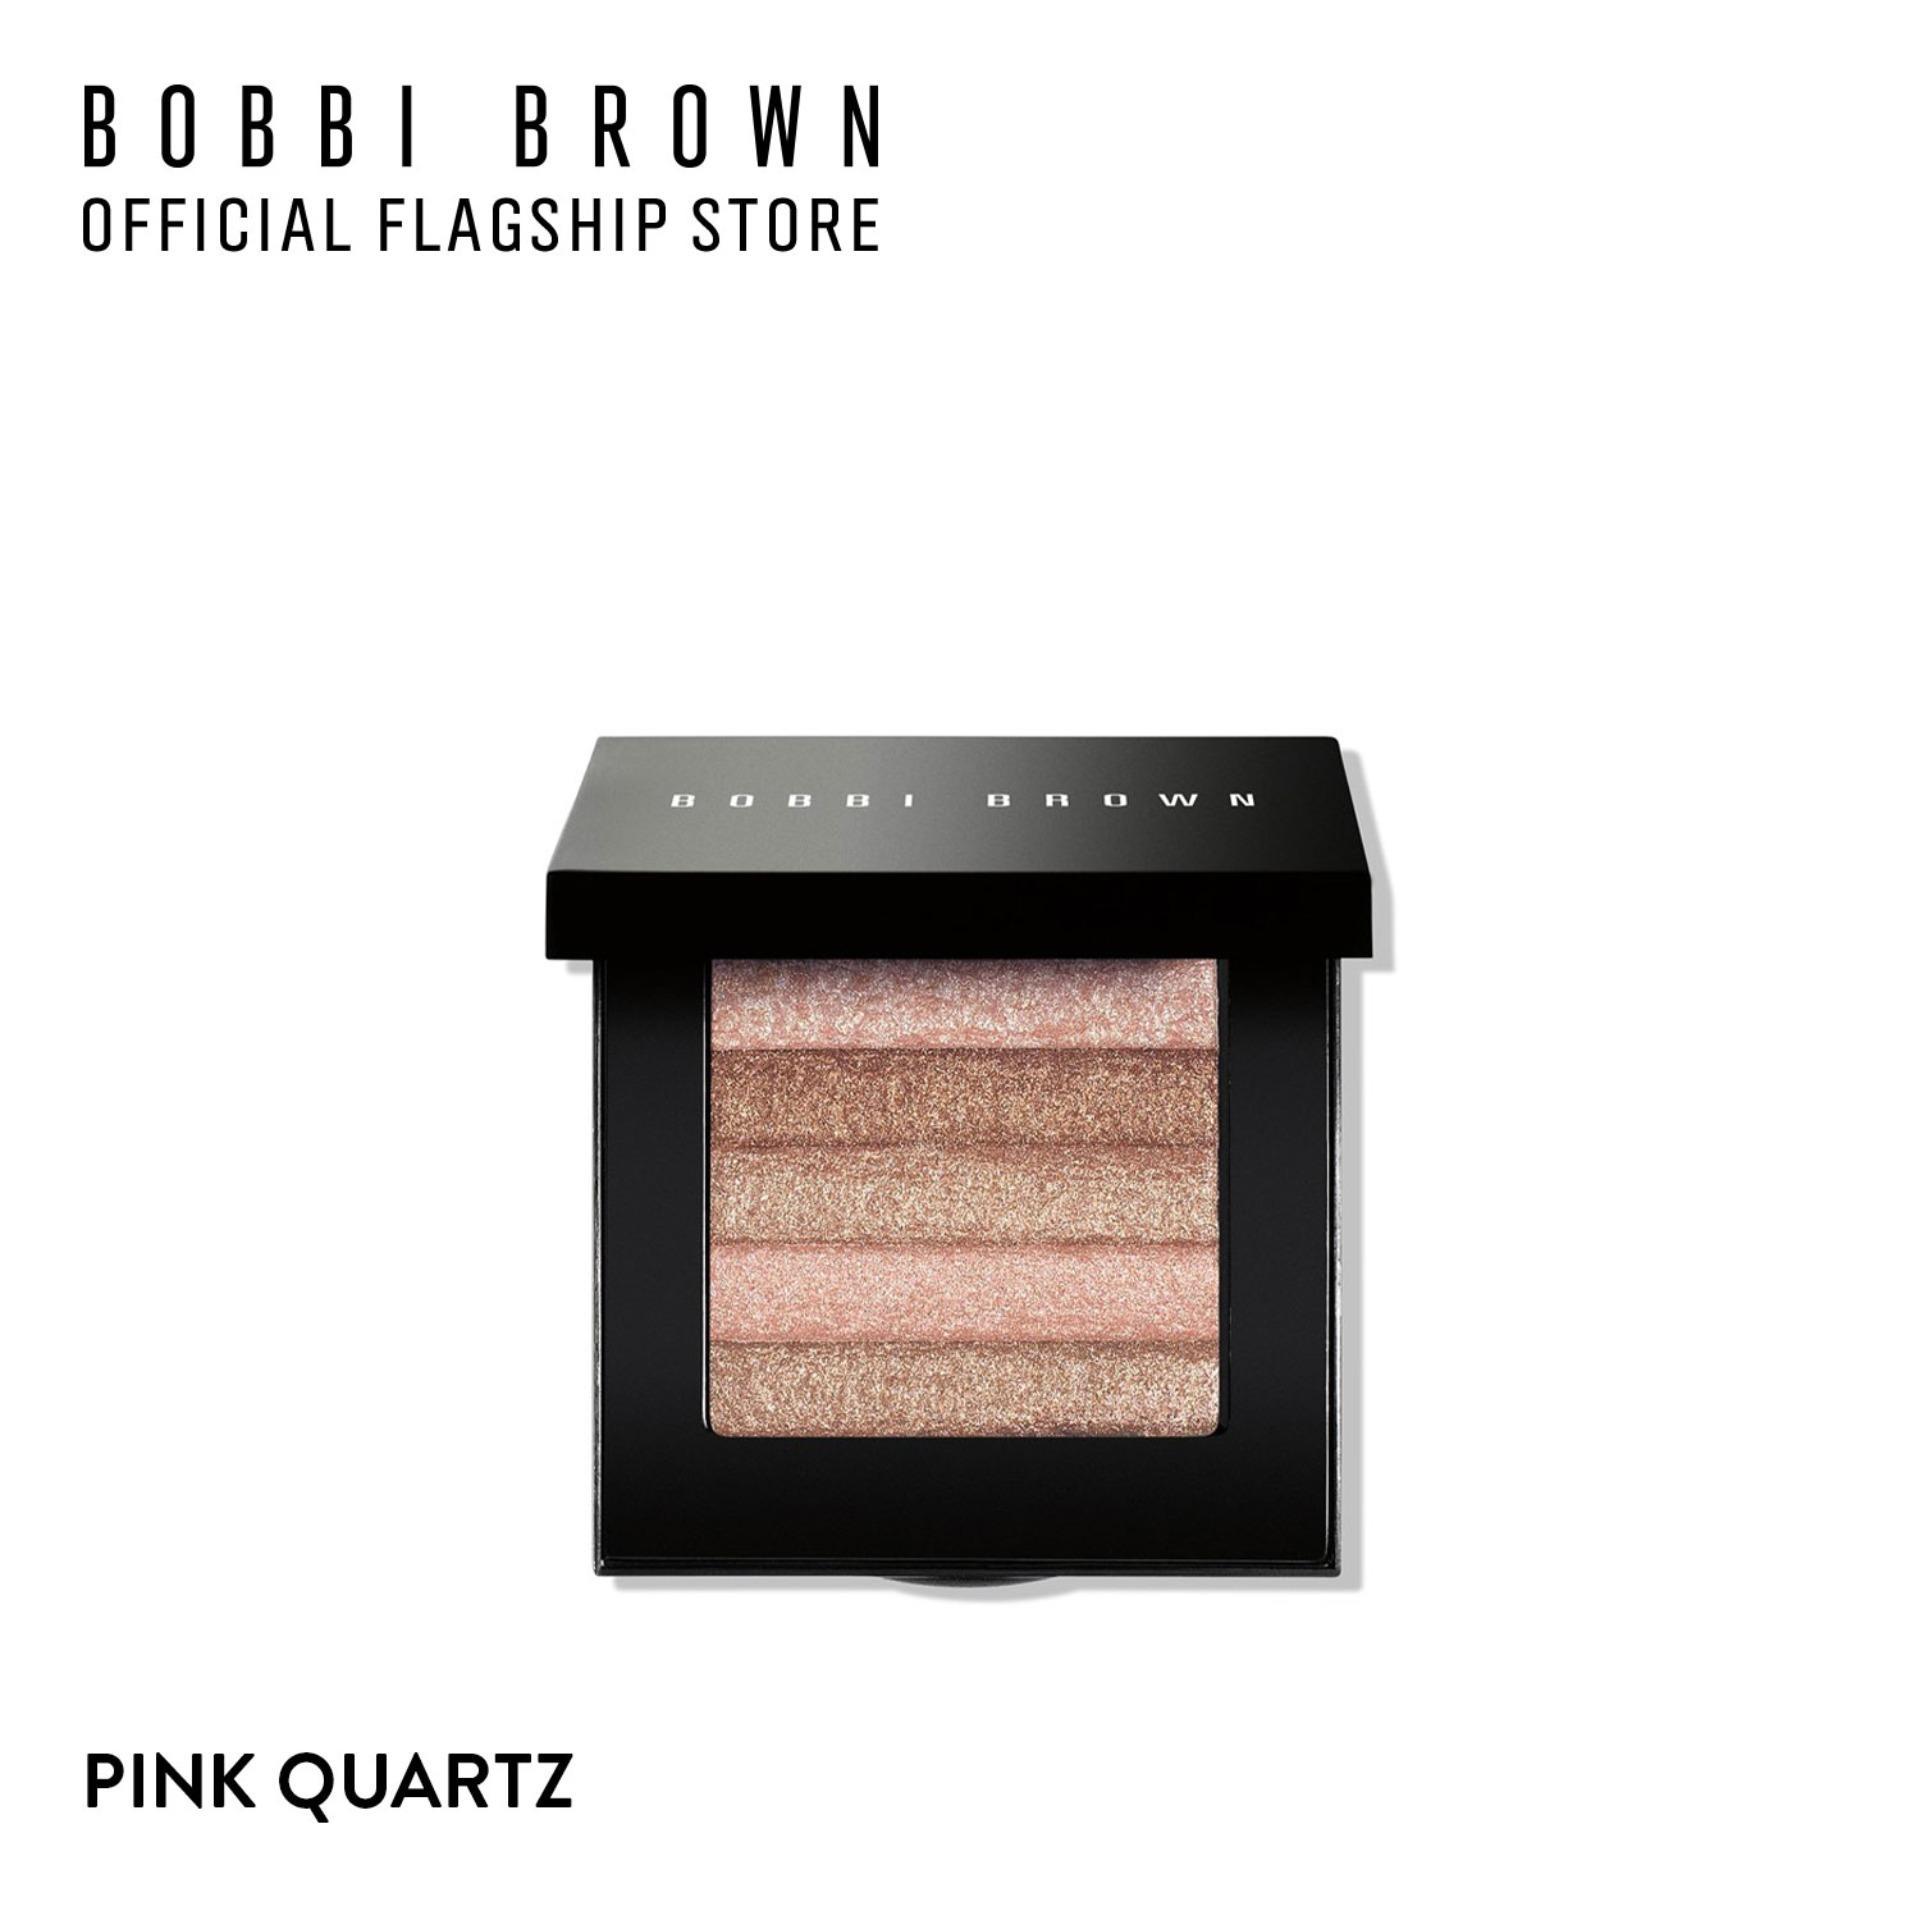 Phấn highlight cho mắt, má hồng đa năng Bobbi Brown Shimmer Brick 10.3g tốt nhất